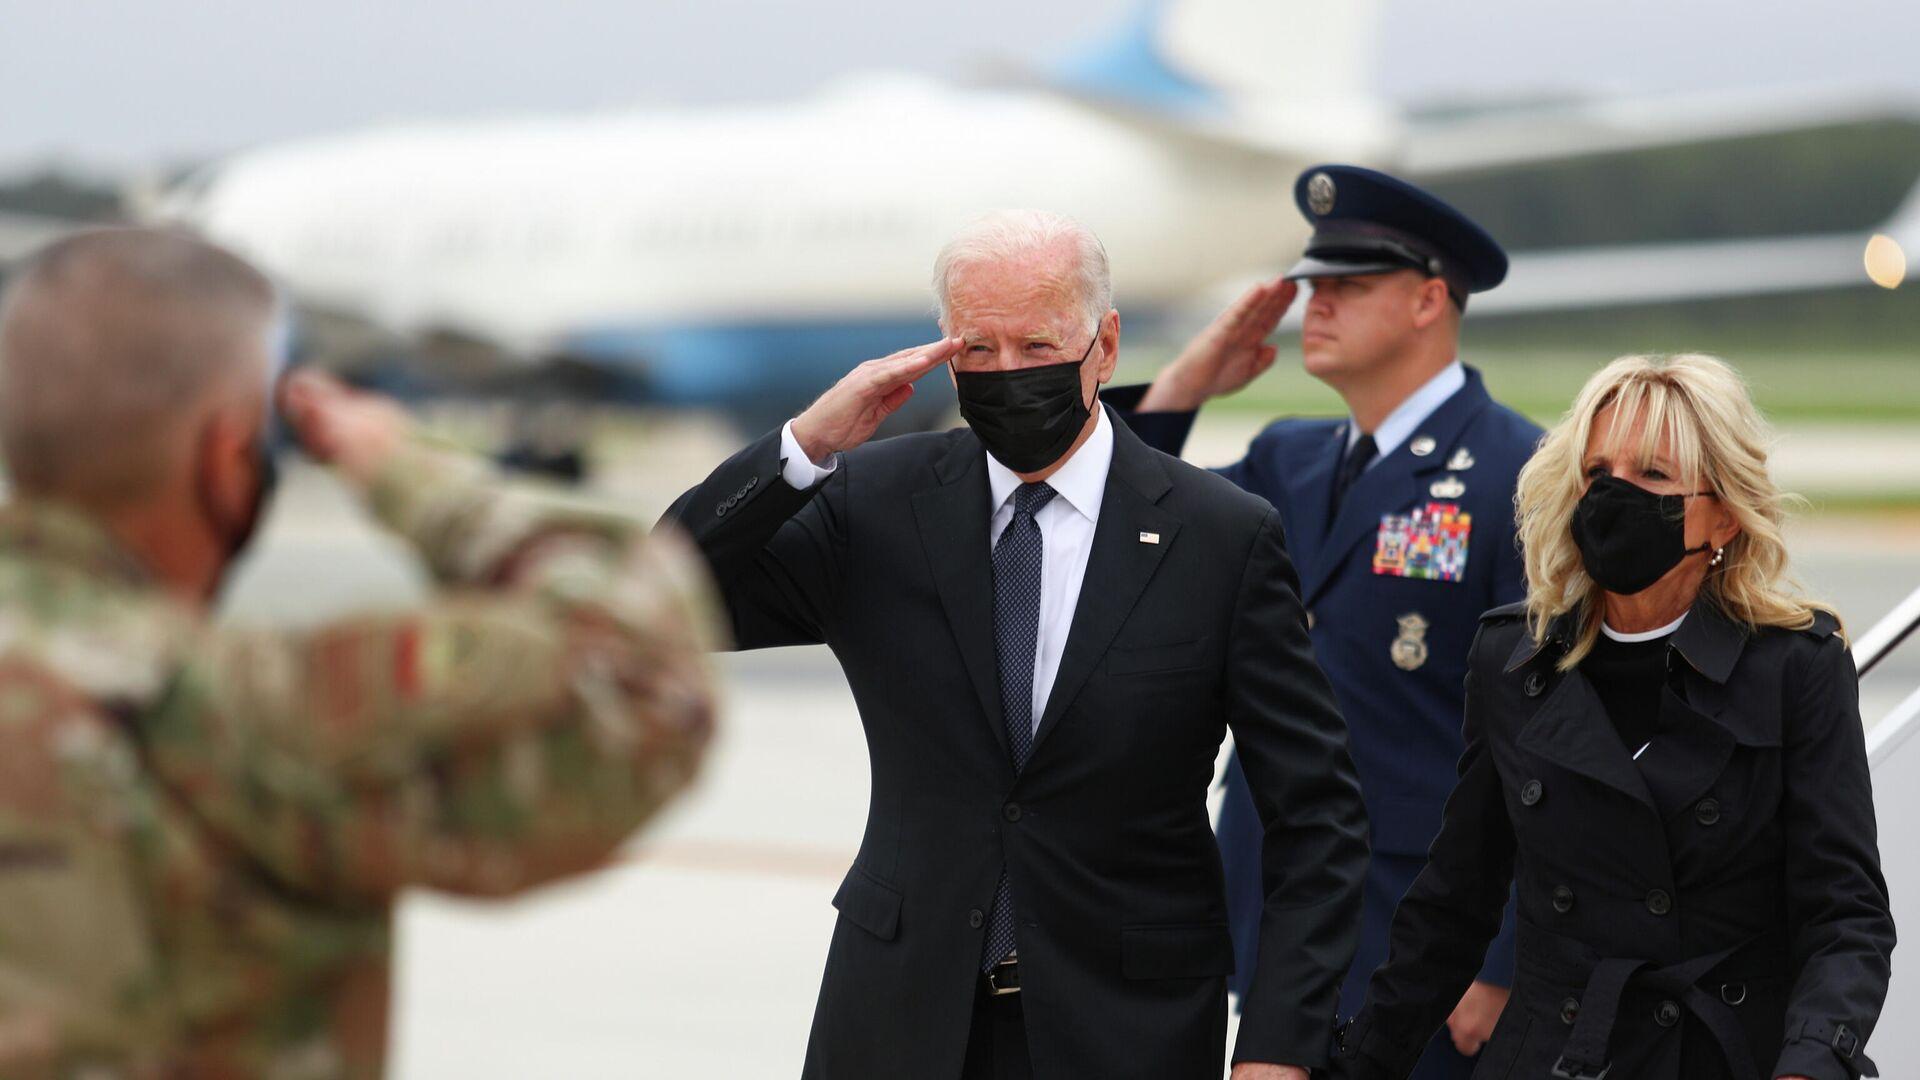 El presidente de Estados Unidos, Joe Biden, con su esposa, Jill Biden, en la base aérea de Delaware - Sputnik Mundo, 1920, 29.08.2021